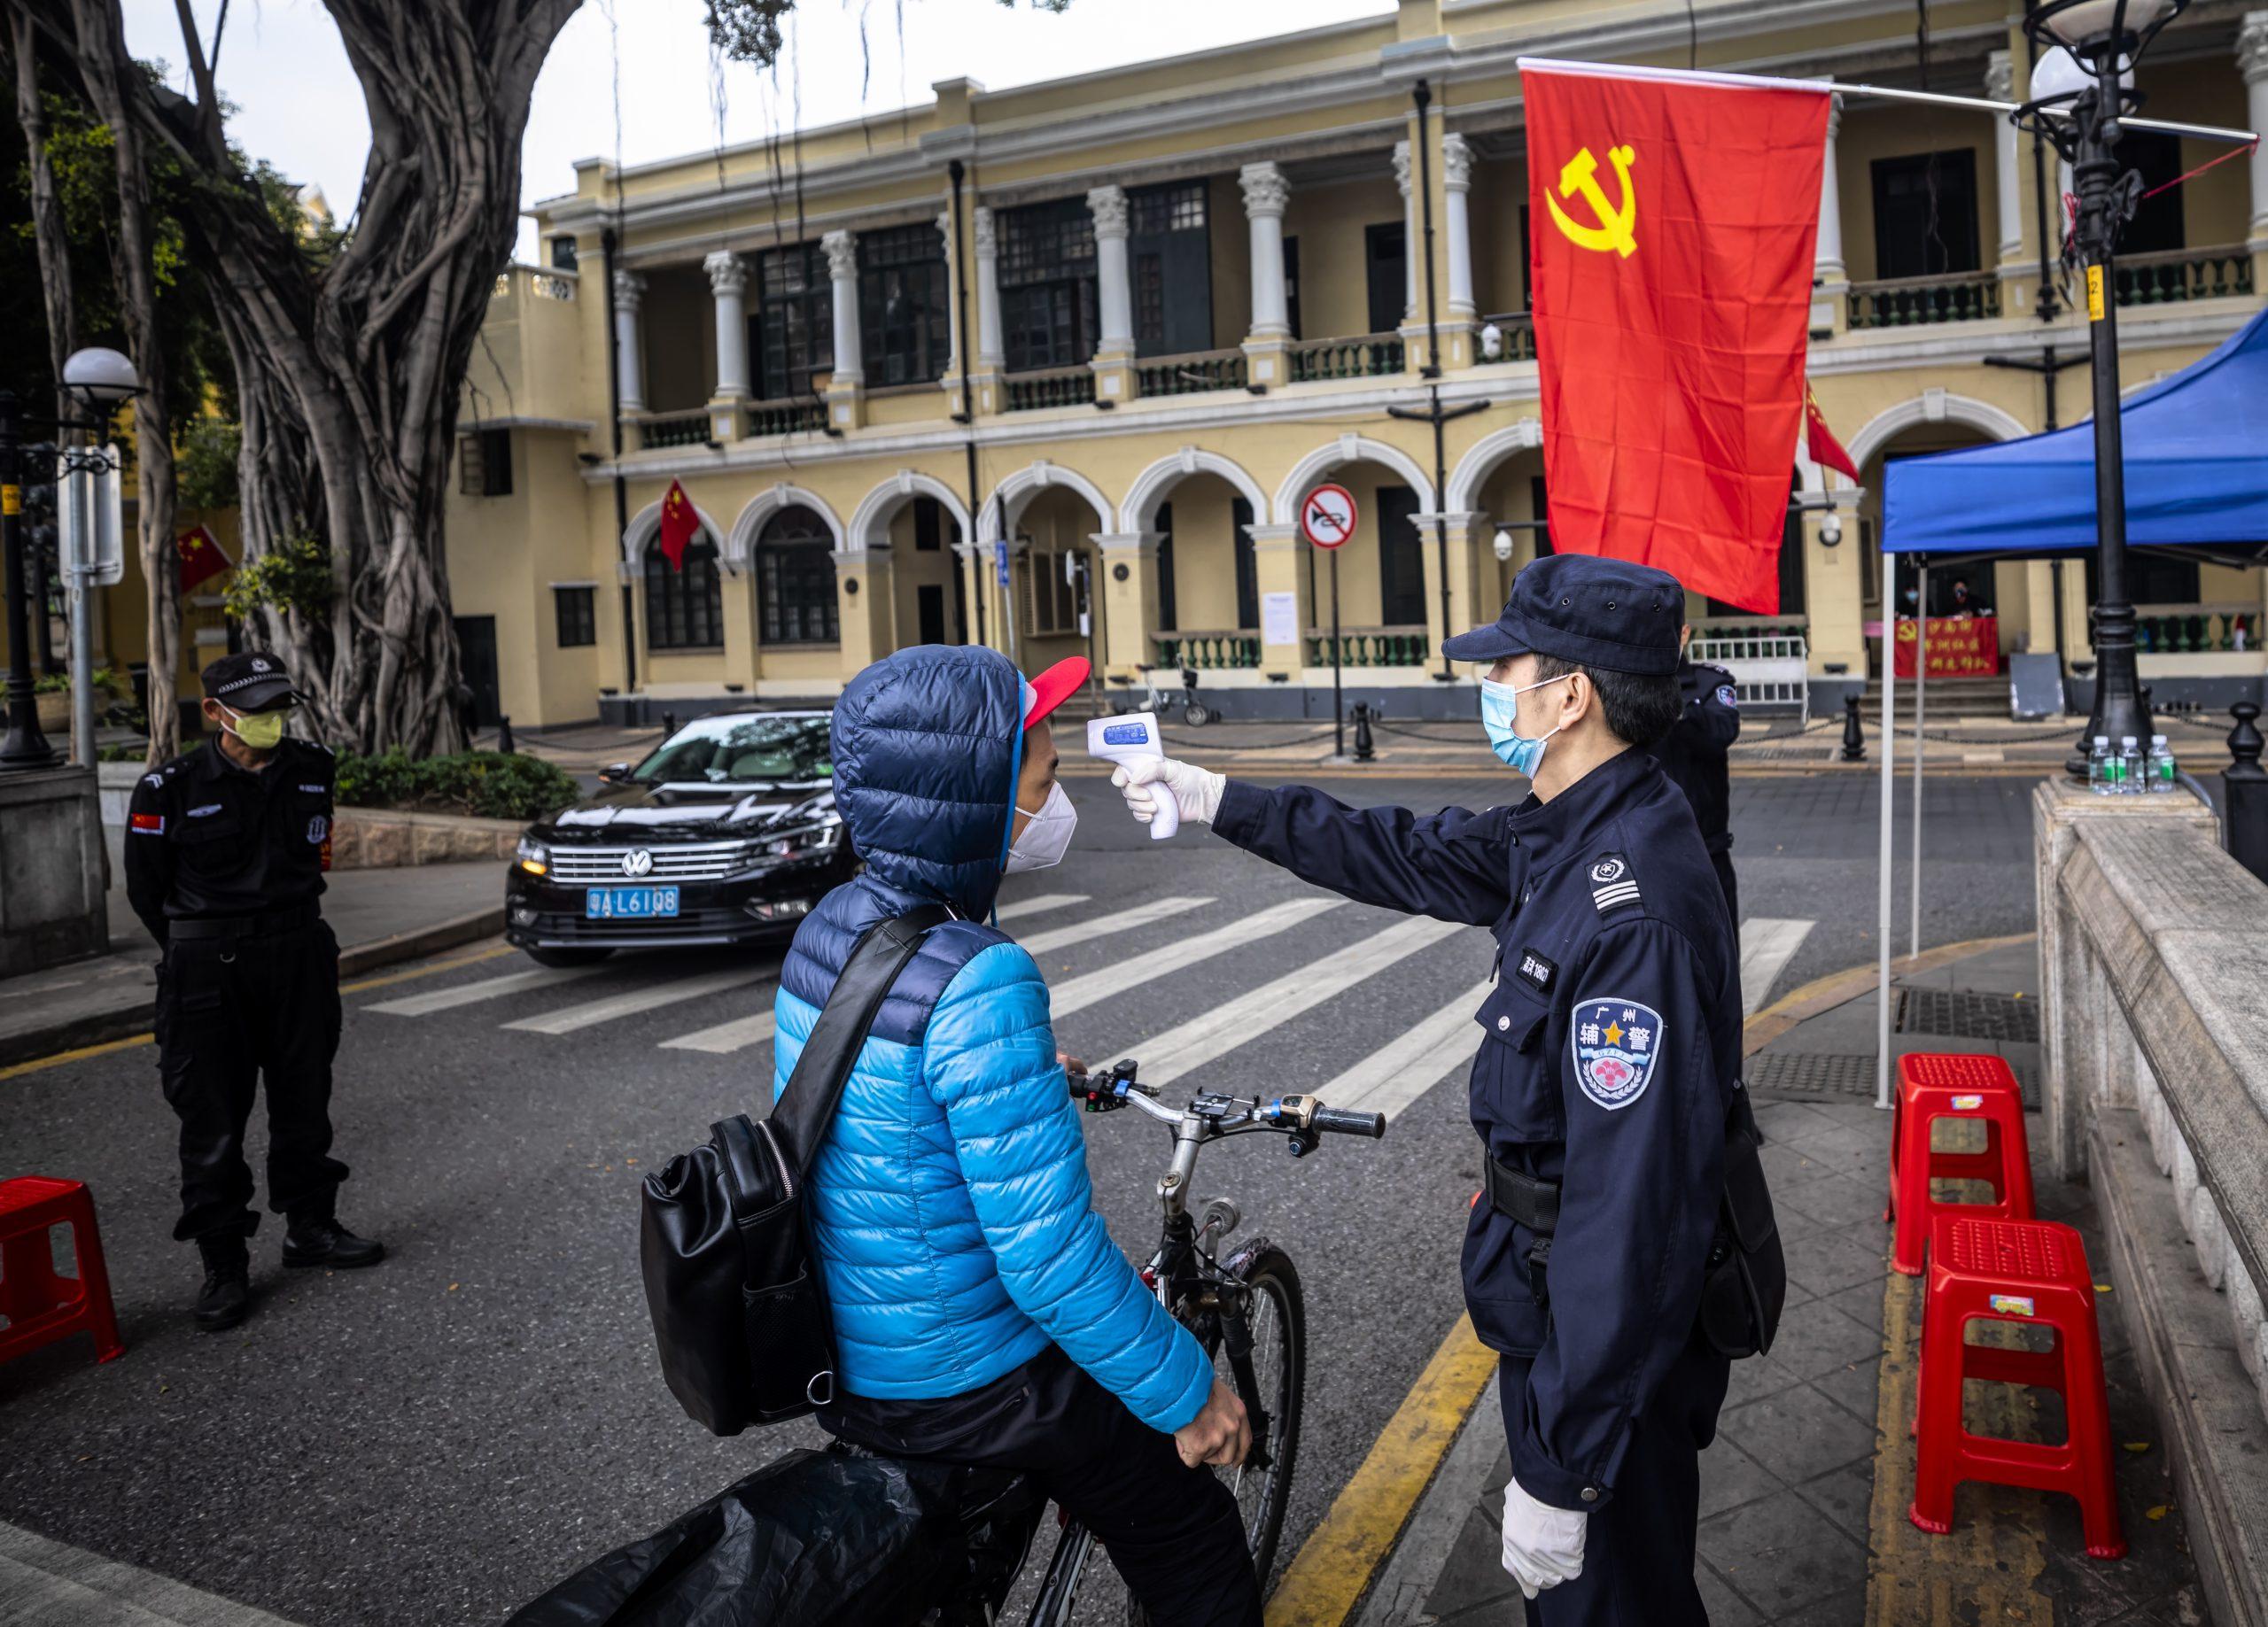 PRETILI JOJ: Pobegla iz Kine u SAD da otkrije tajnu o Koroni 5